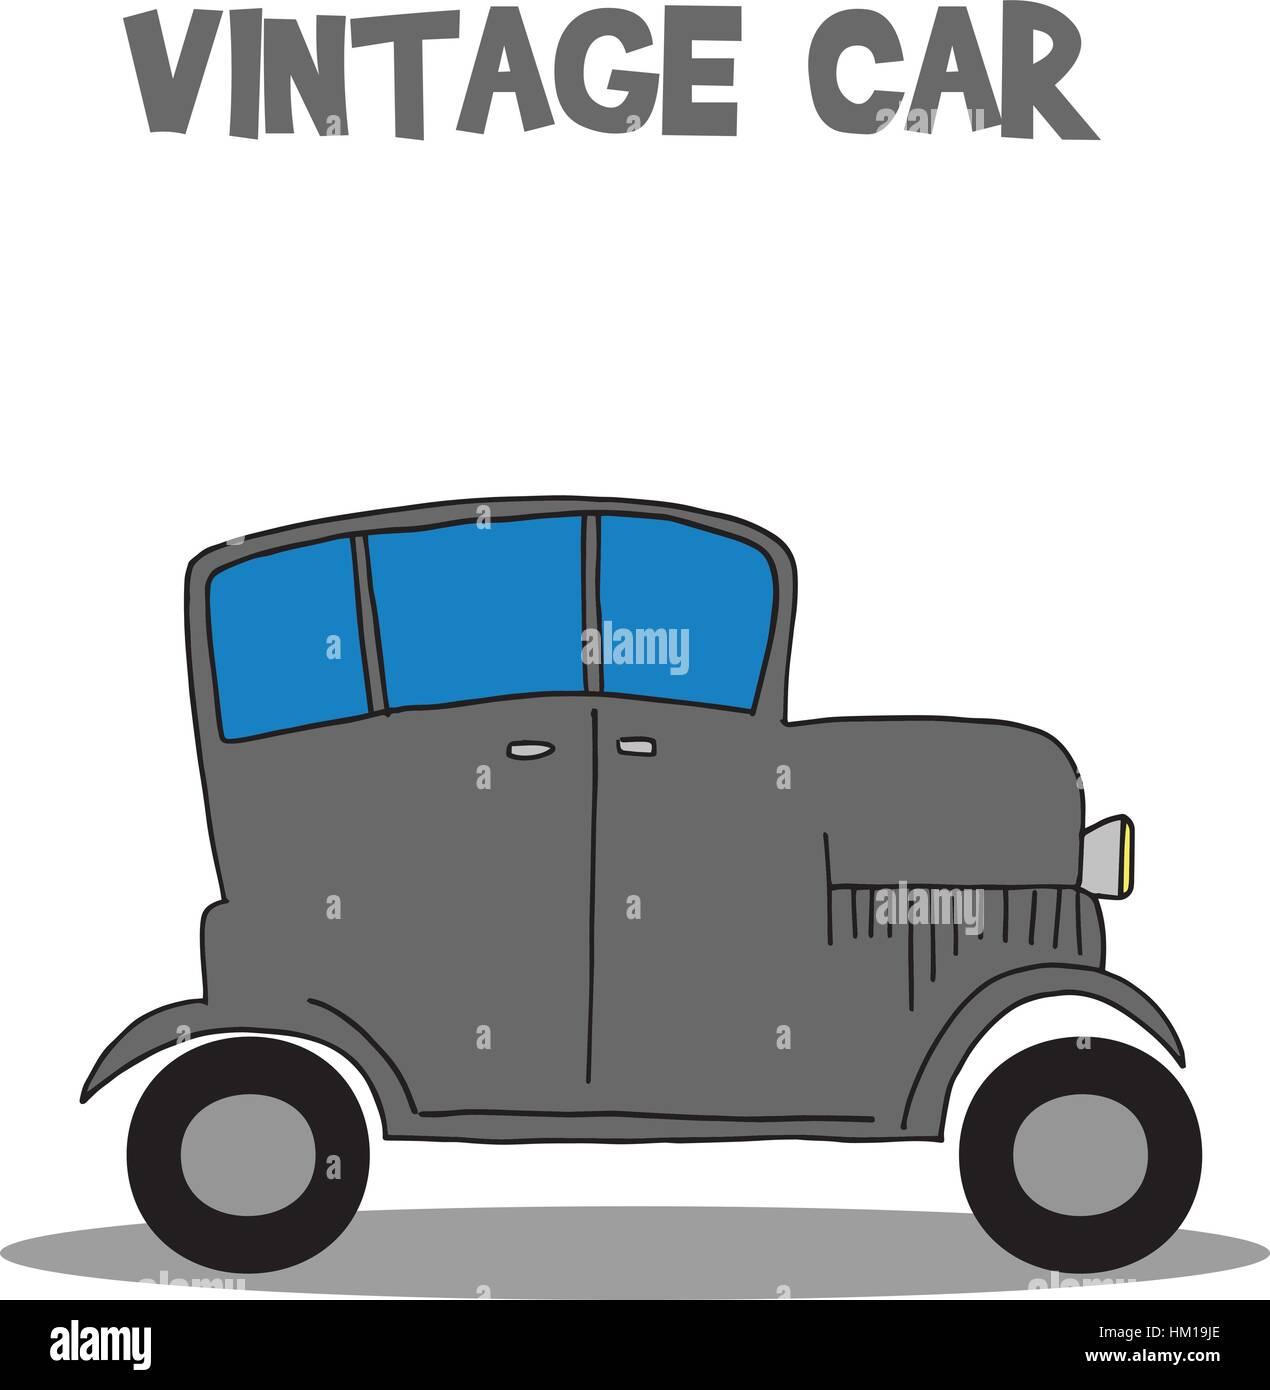 Vintage car vector art illustration - Stock Vector